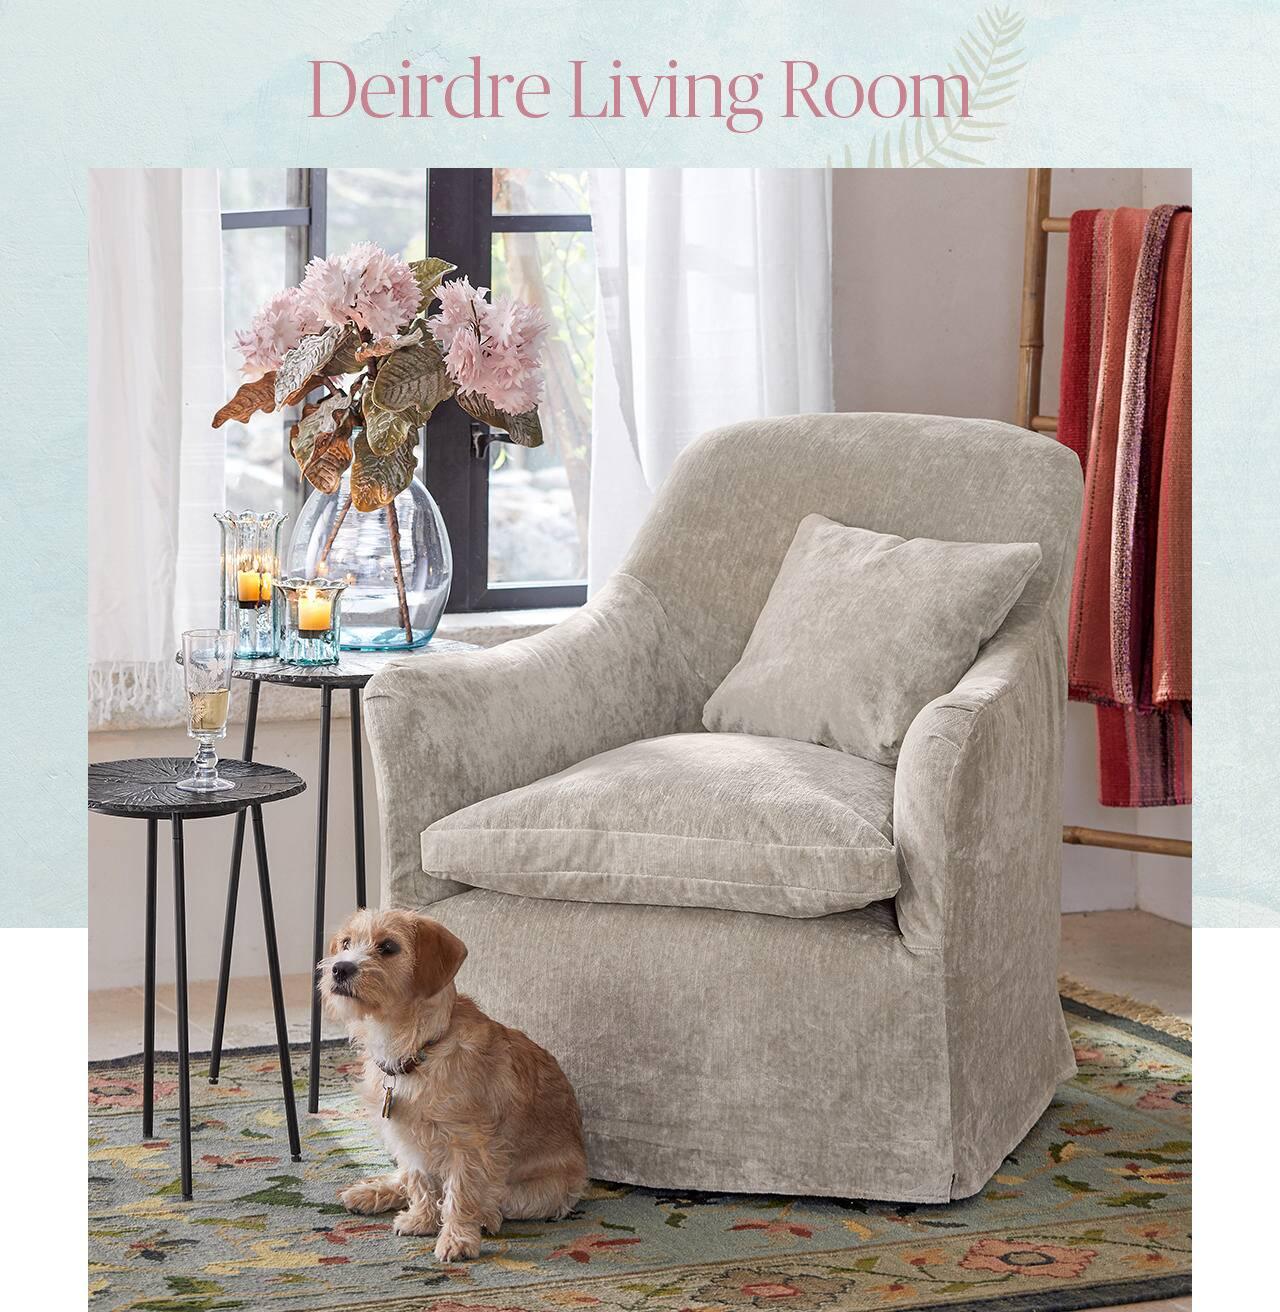 Deirdre Living Room